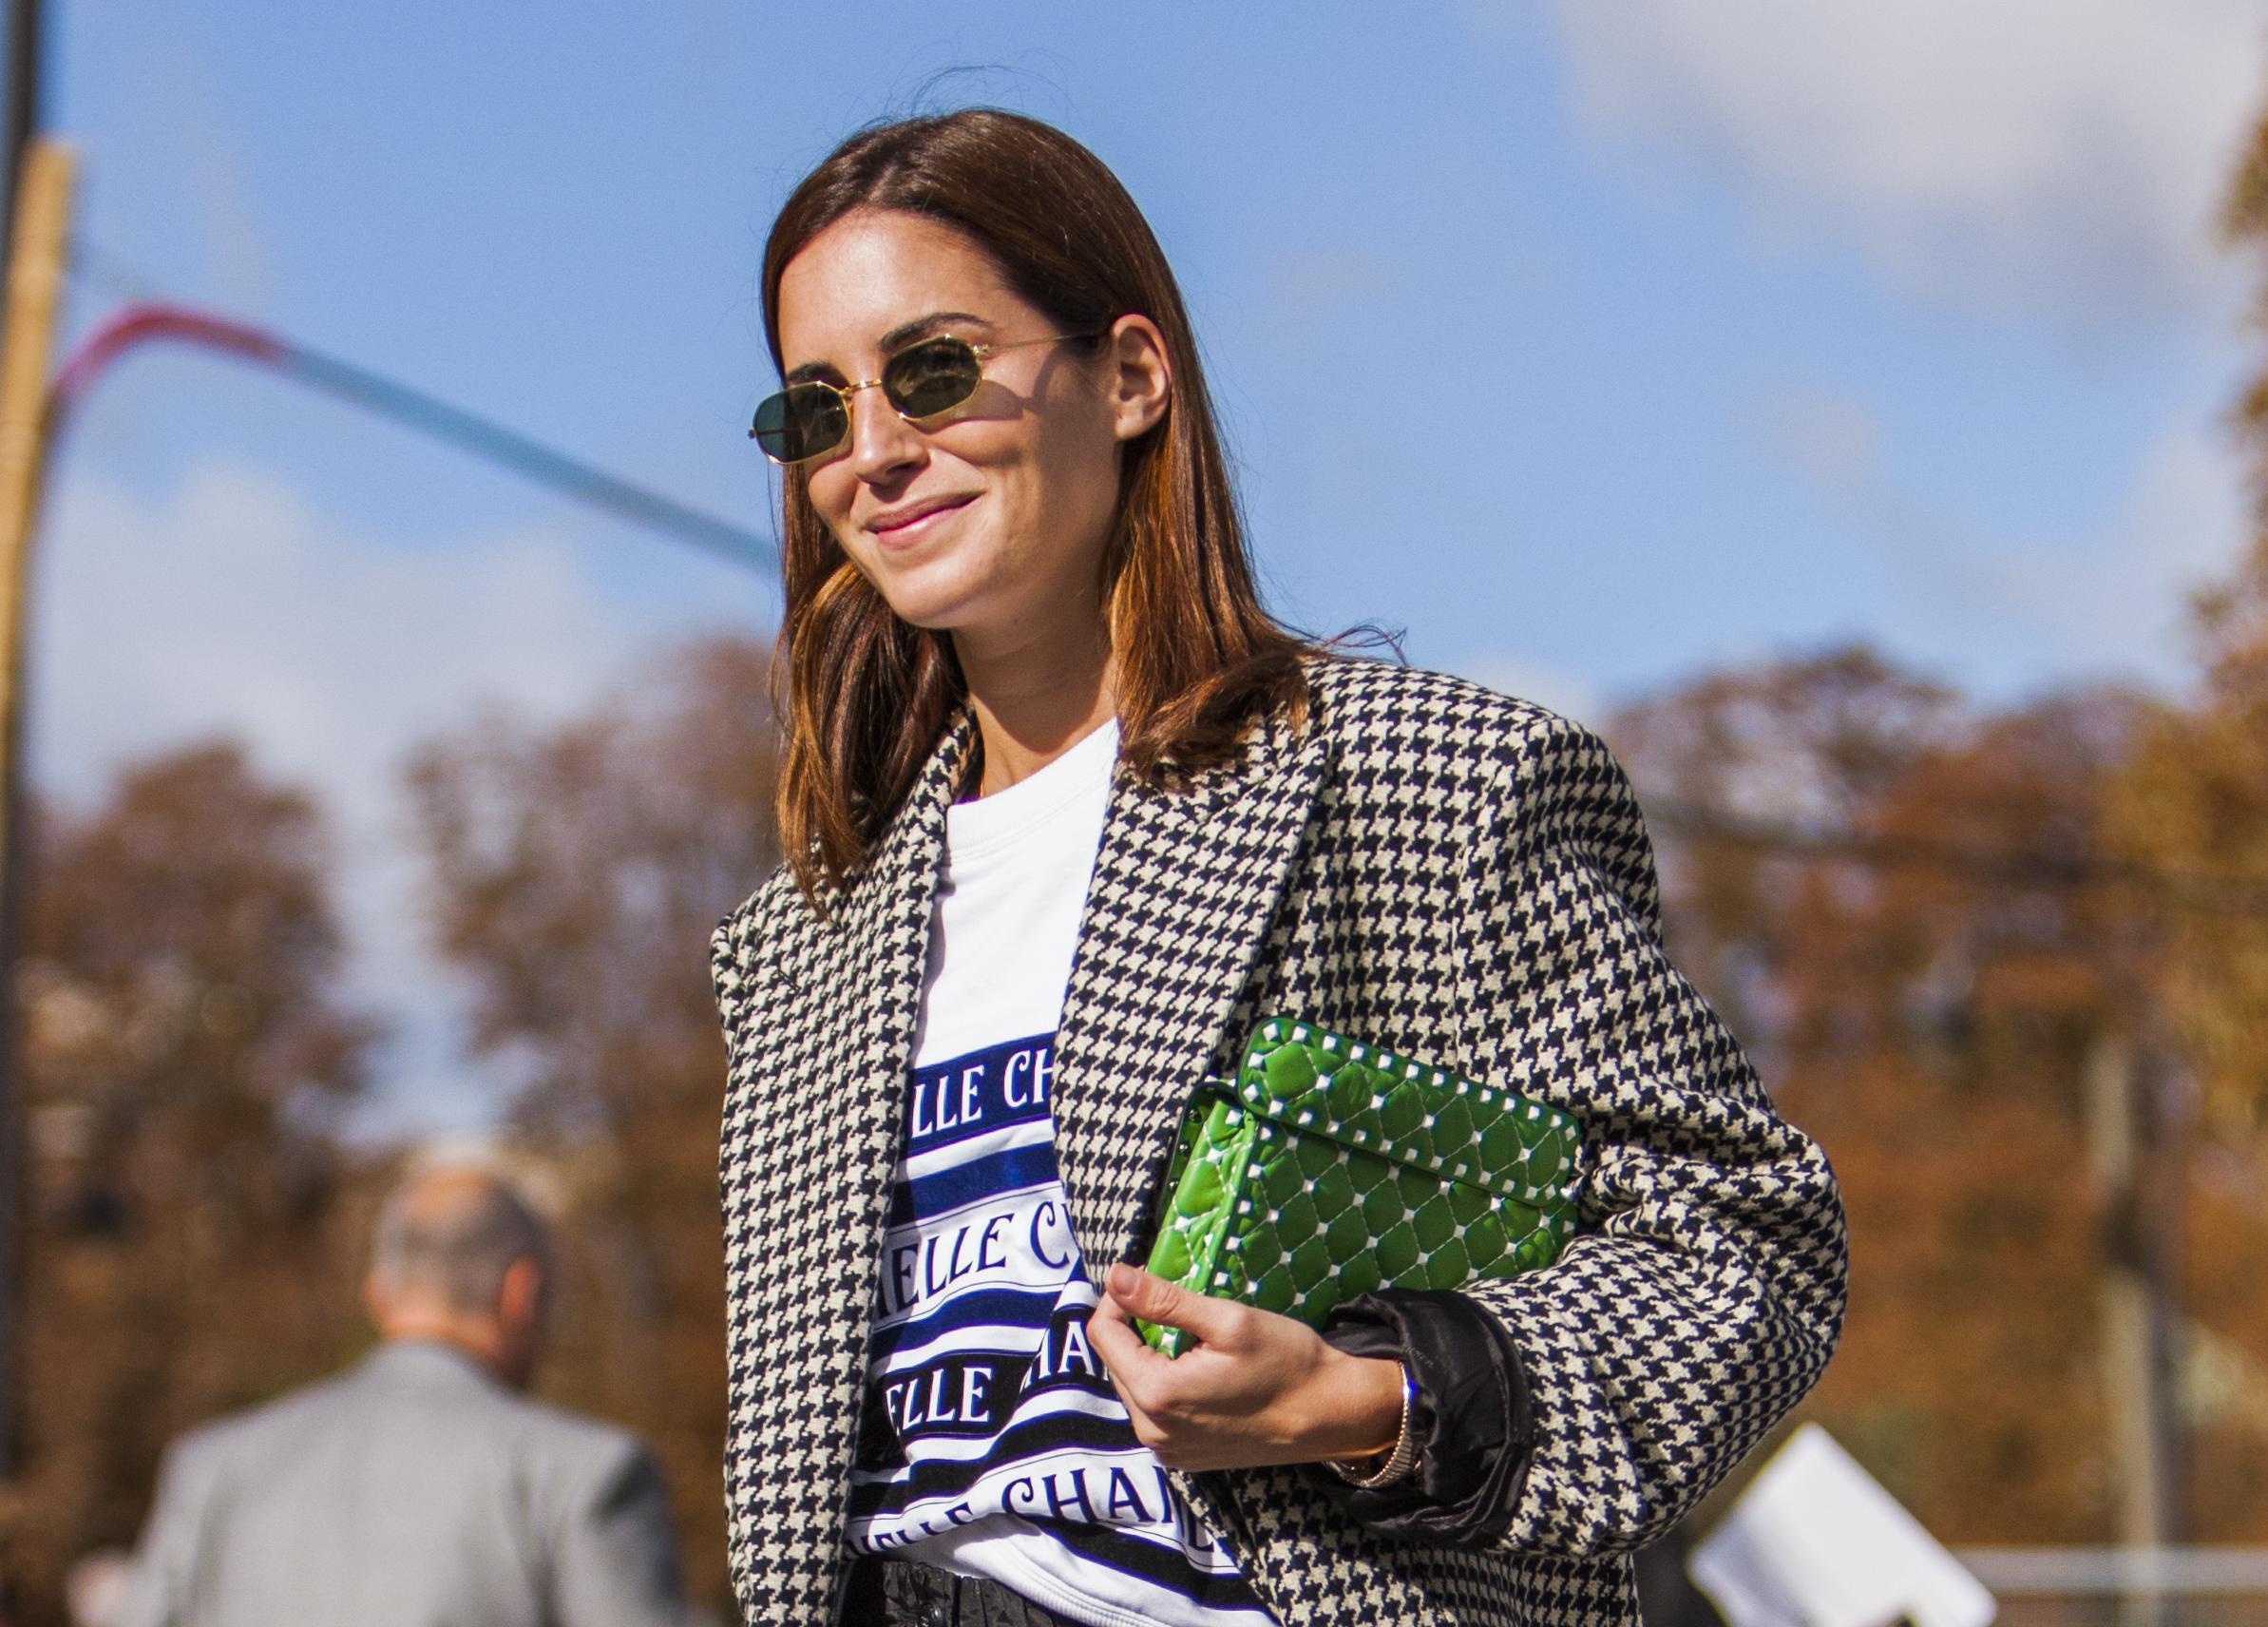 Kratke hlačice i čizme? Da, taj trend obožavamo, a ova ljepotica divno ga nosi!